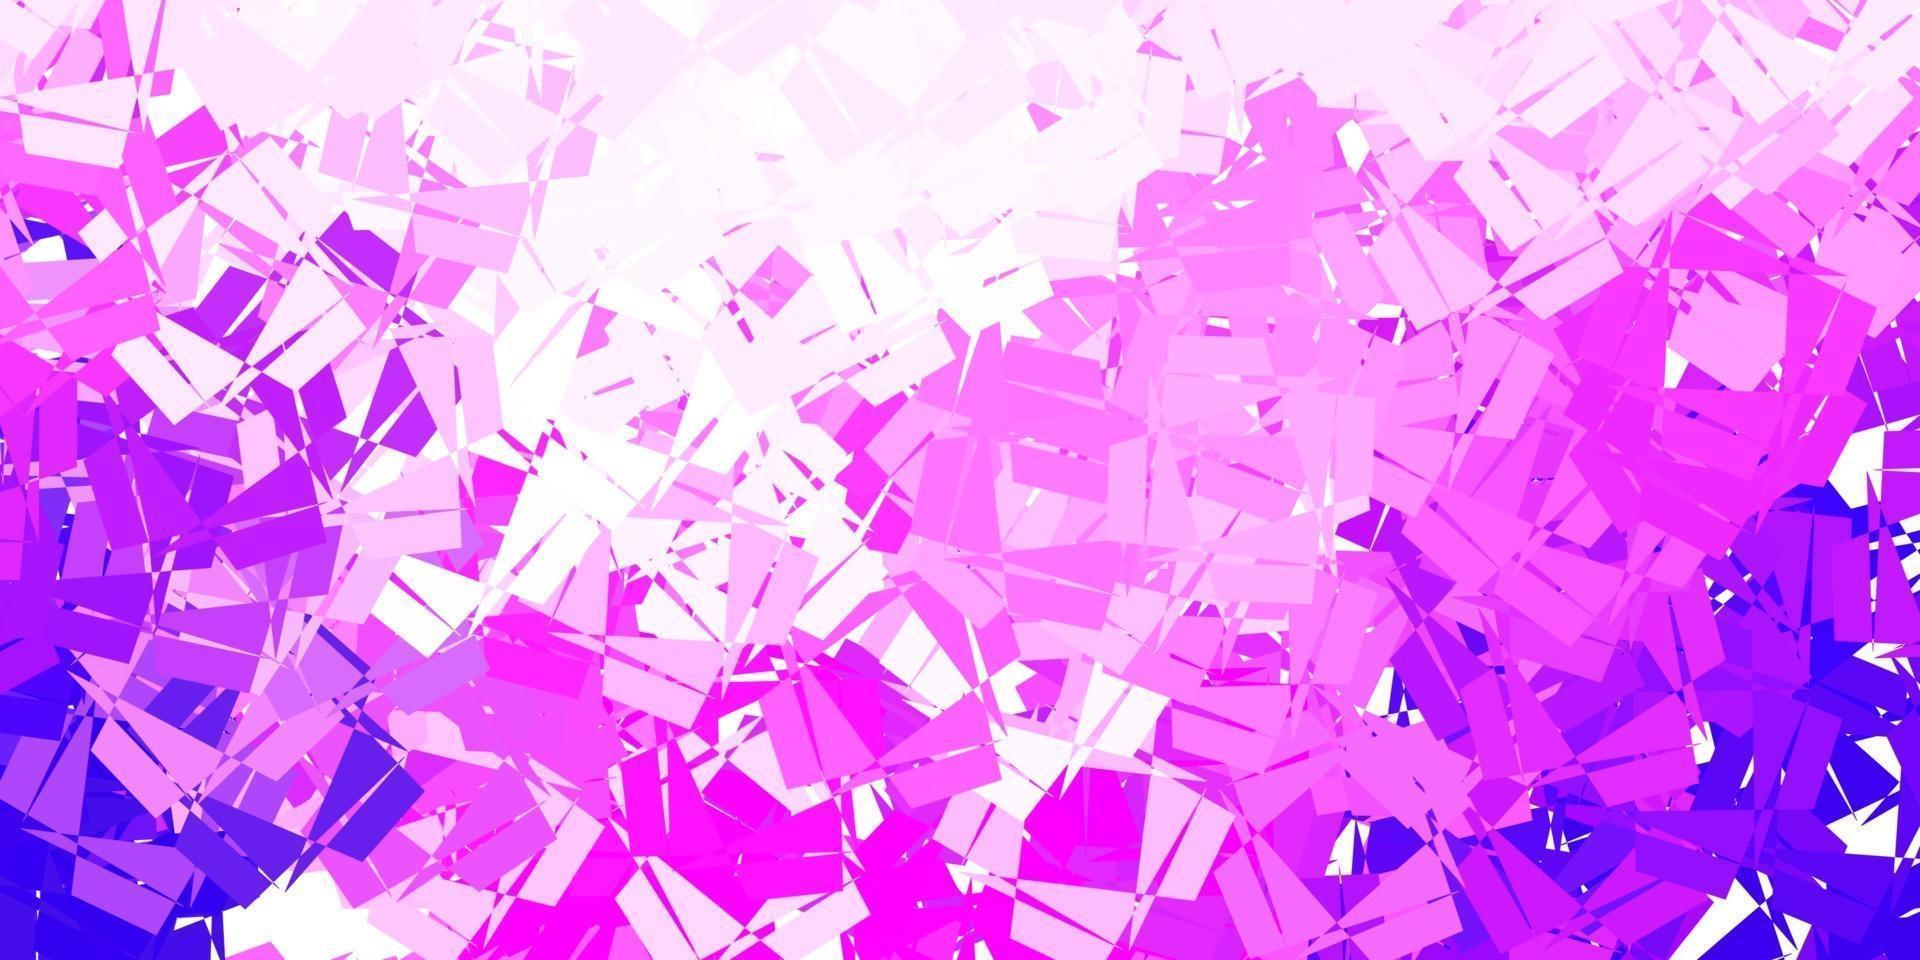 carta da parati a mosaico triangolo vettoriale viola chiaro, rosa.